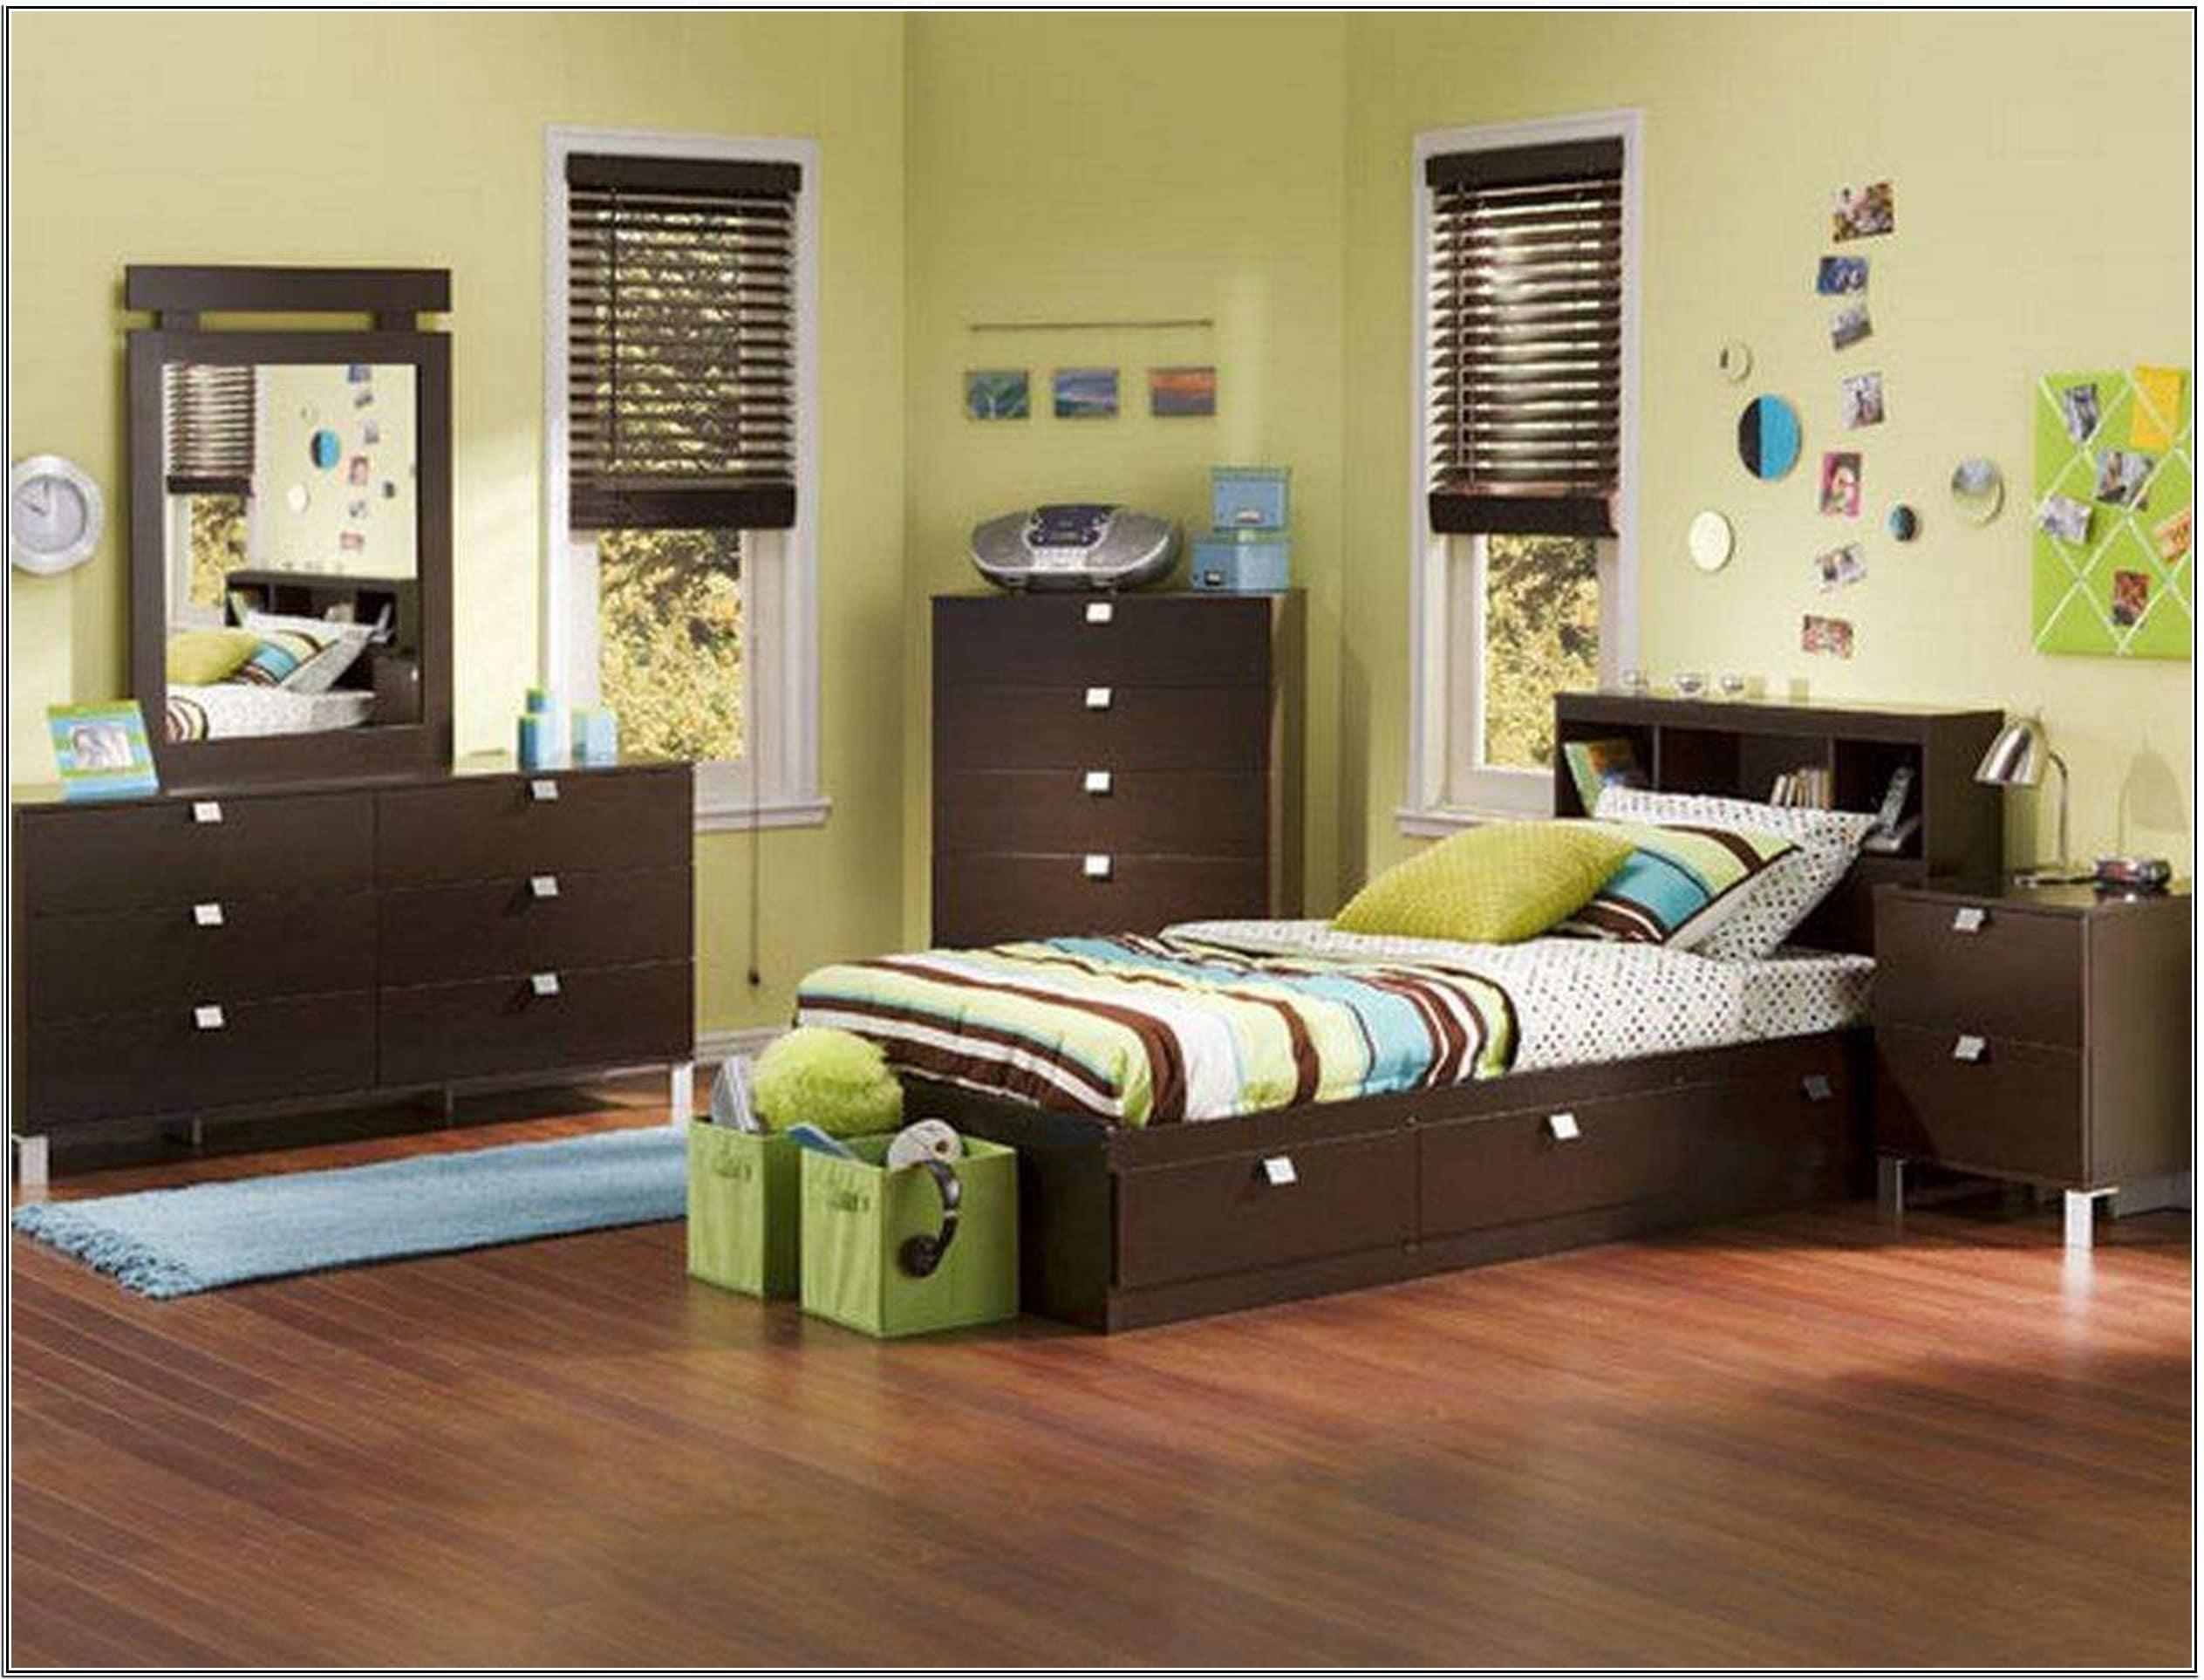 Habitaciones Juveniles Originales 80 Ideas Para Tus Hijos  ~ Ideas Para Decorar Dormitorio Juvenil